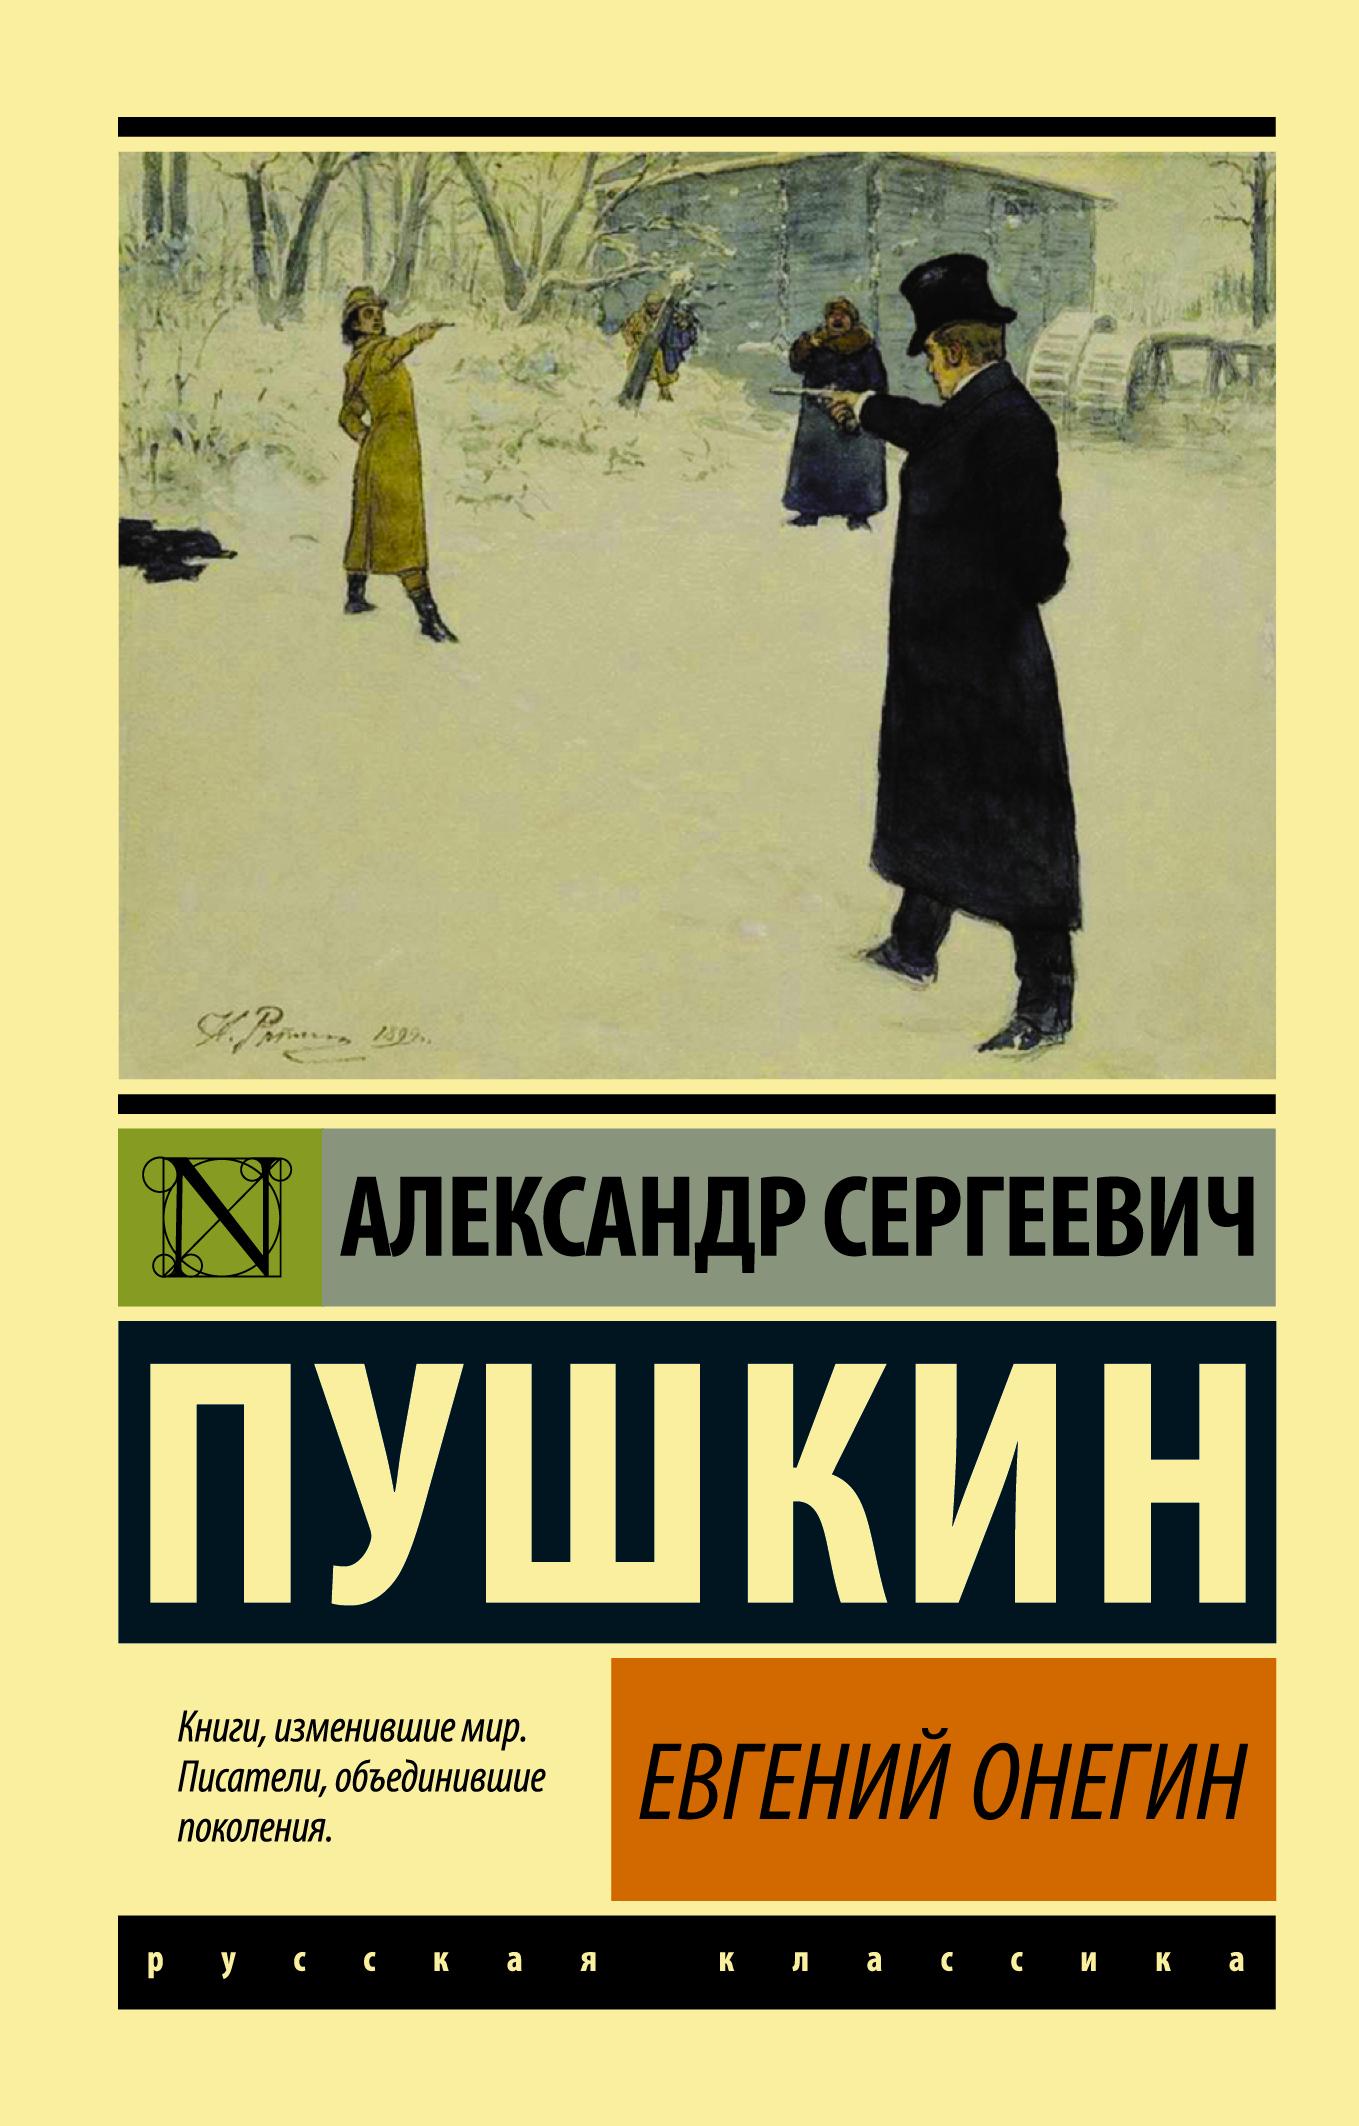 Евгений Онегин; [Борис Годунов; Маленькие трагедии] ( Пушкин А.С.  )